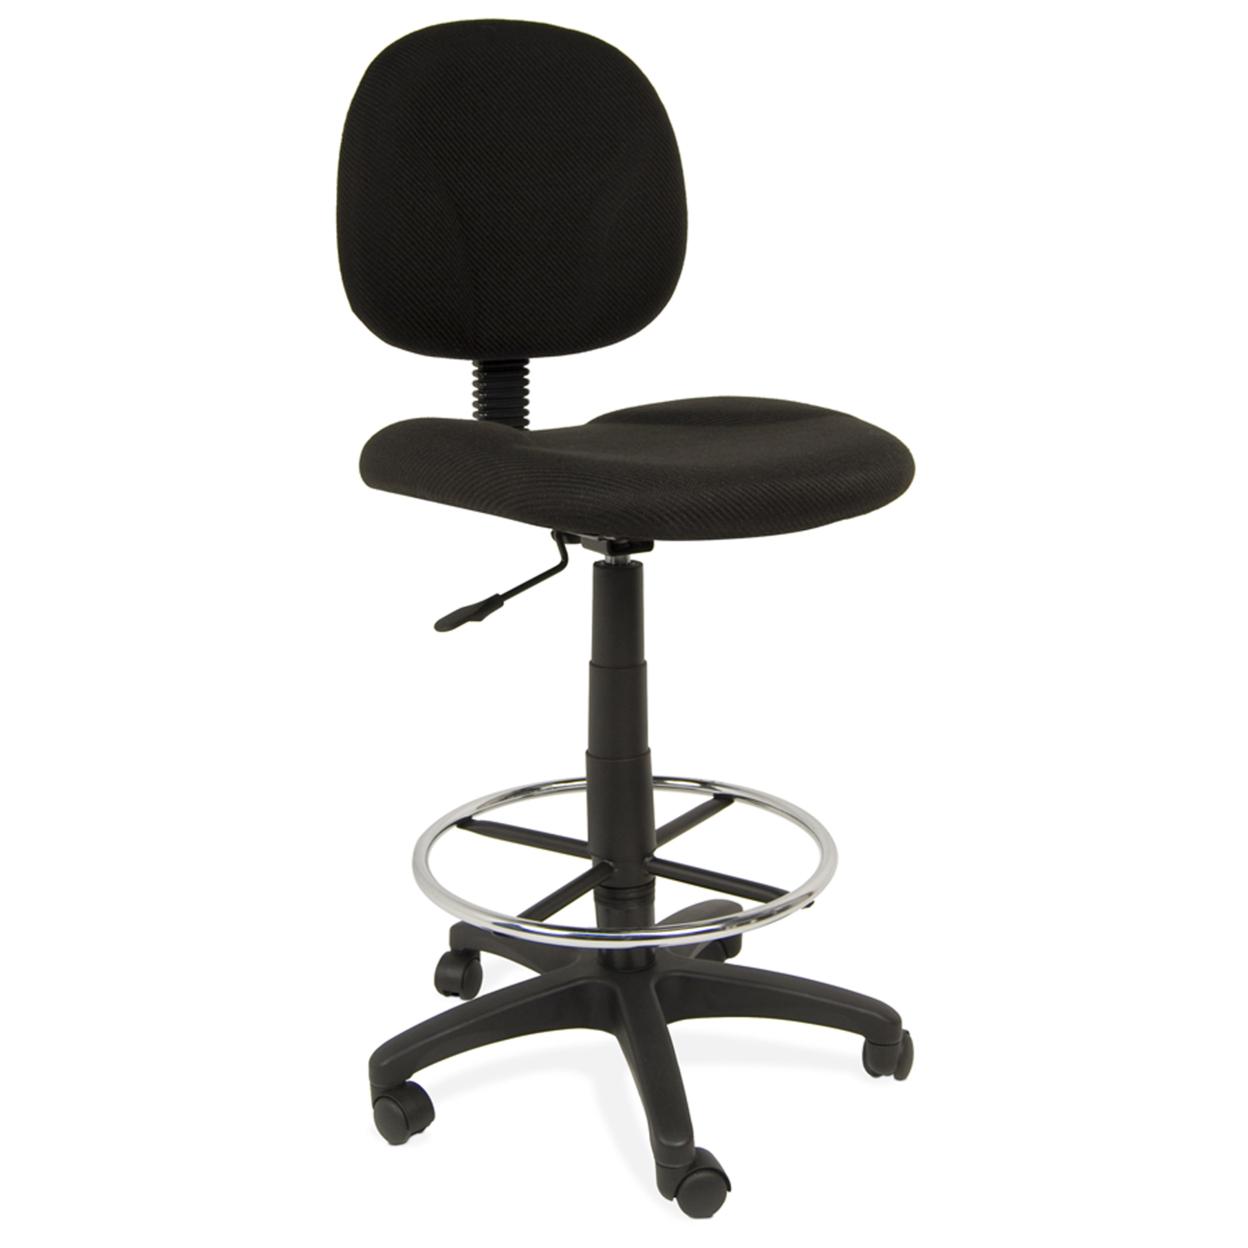 Offex Home Office Ergo Pro Chair - Black 59a6a69d2a00e436701918cd